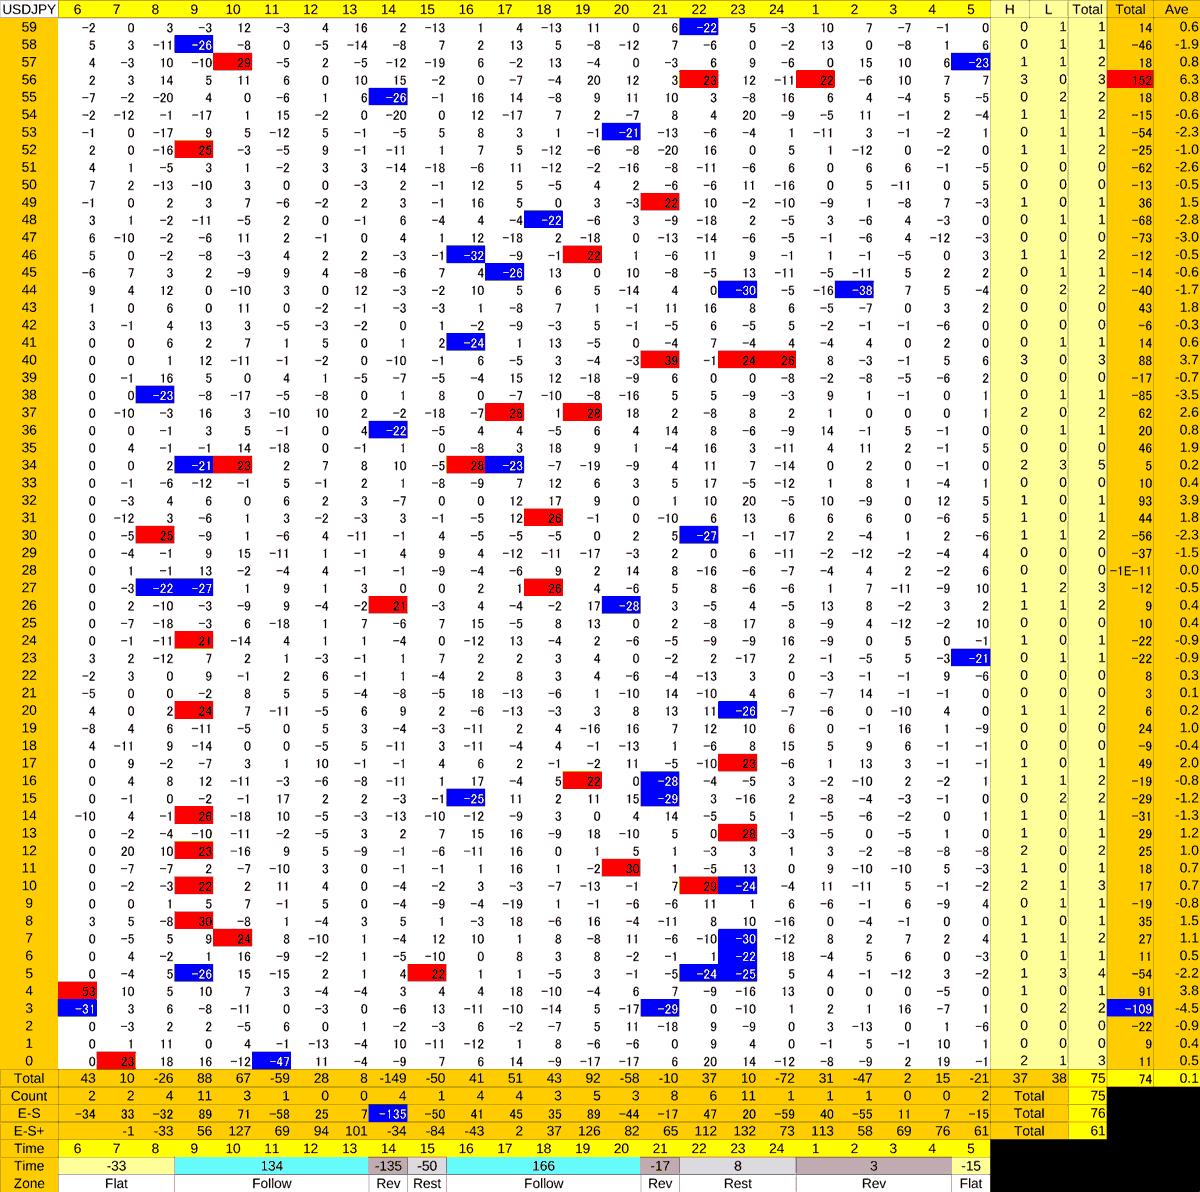 20200924_HS(1)USDJPY